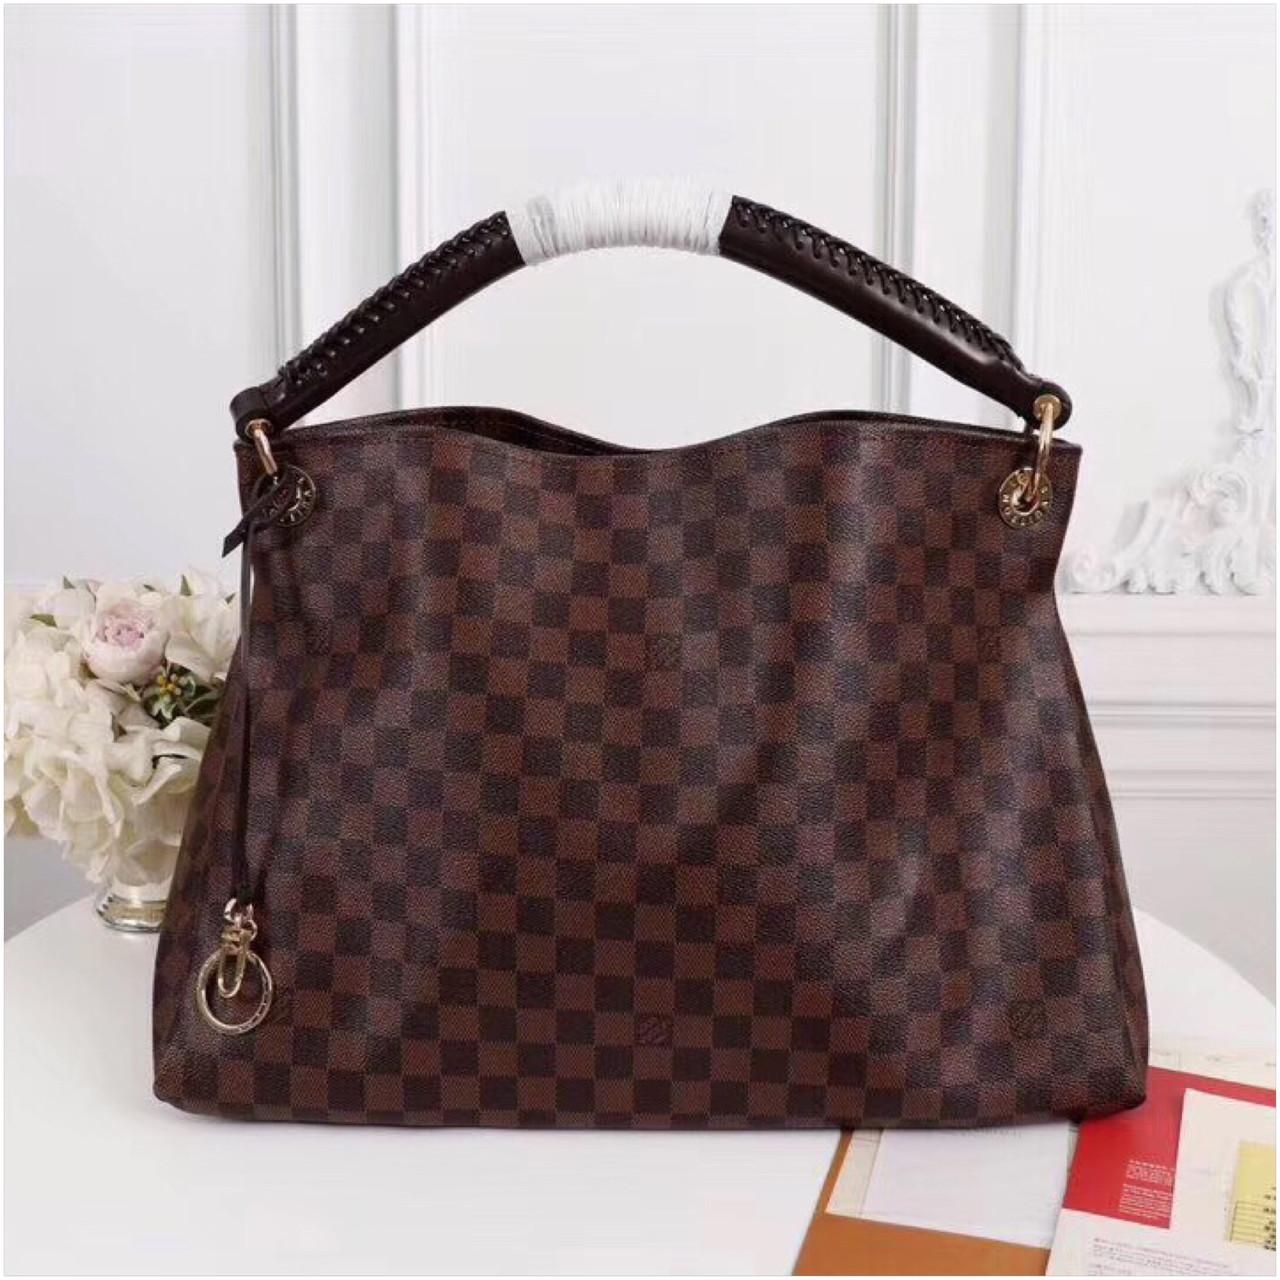 купить сумки луи витон официальный сайт